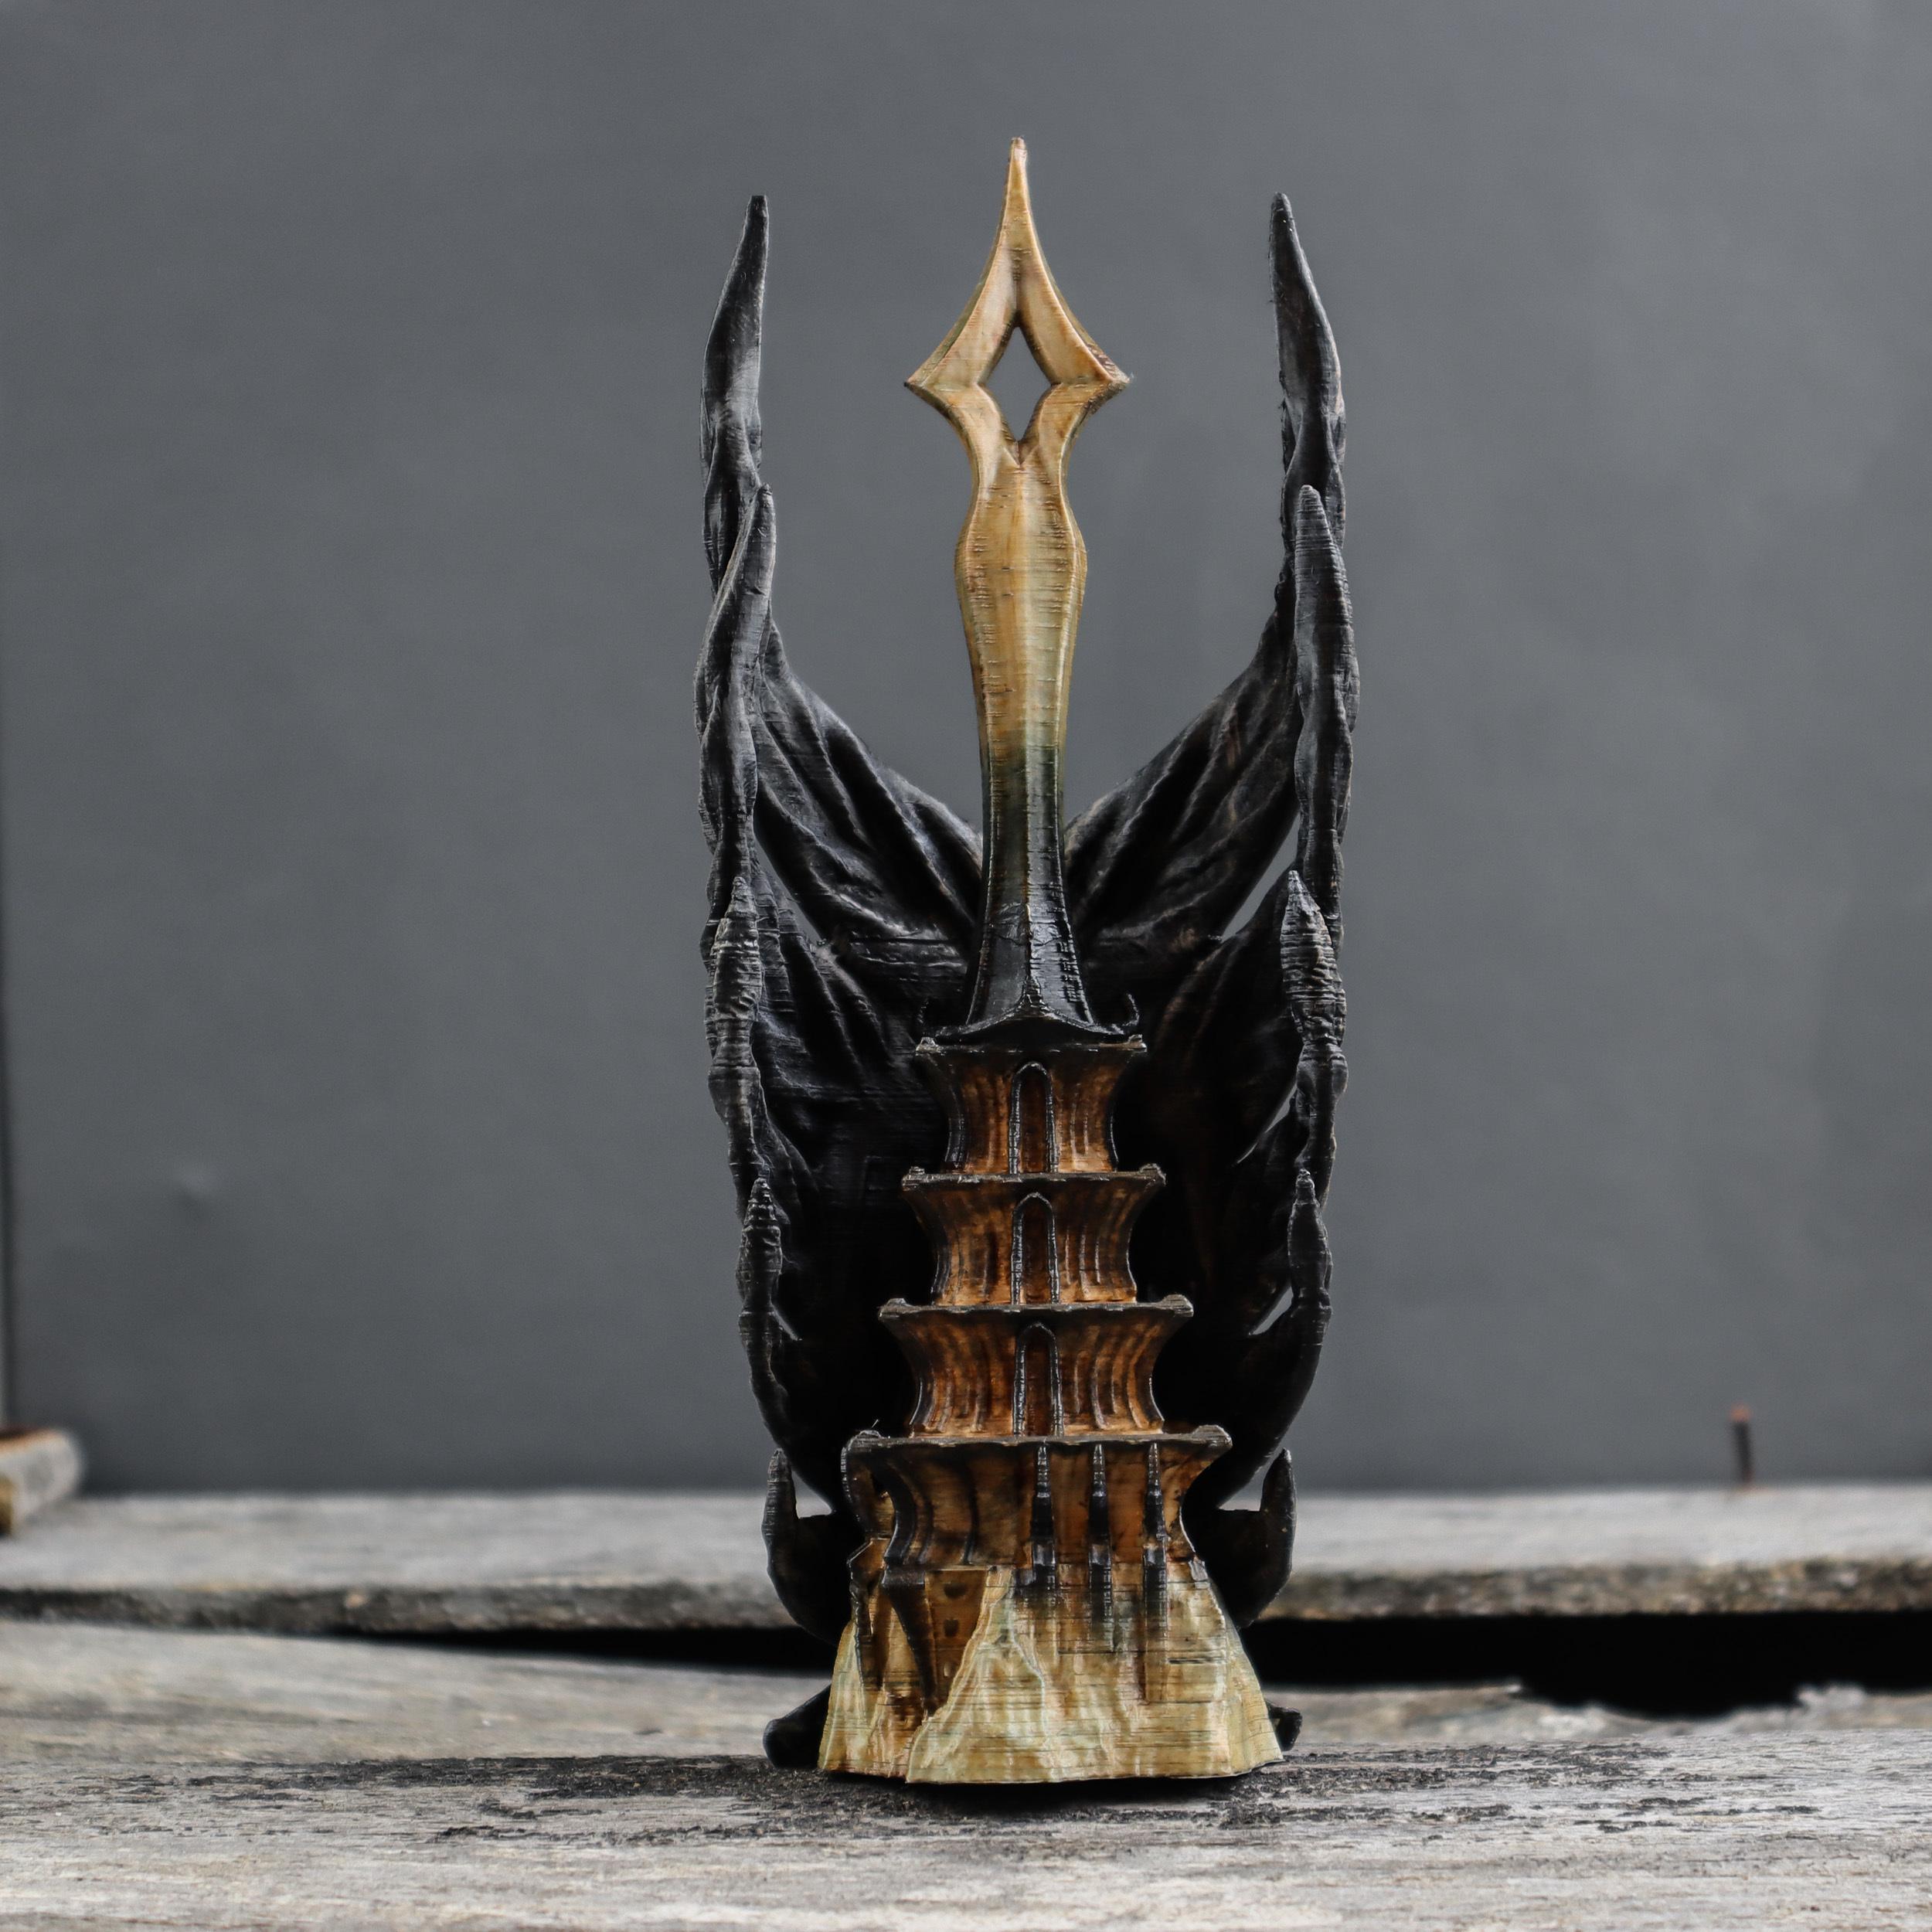 6.jpg Download OBJ file Shadow Wings Tower • 3D printing design, tolgaaxu